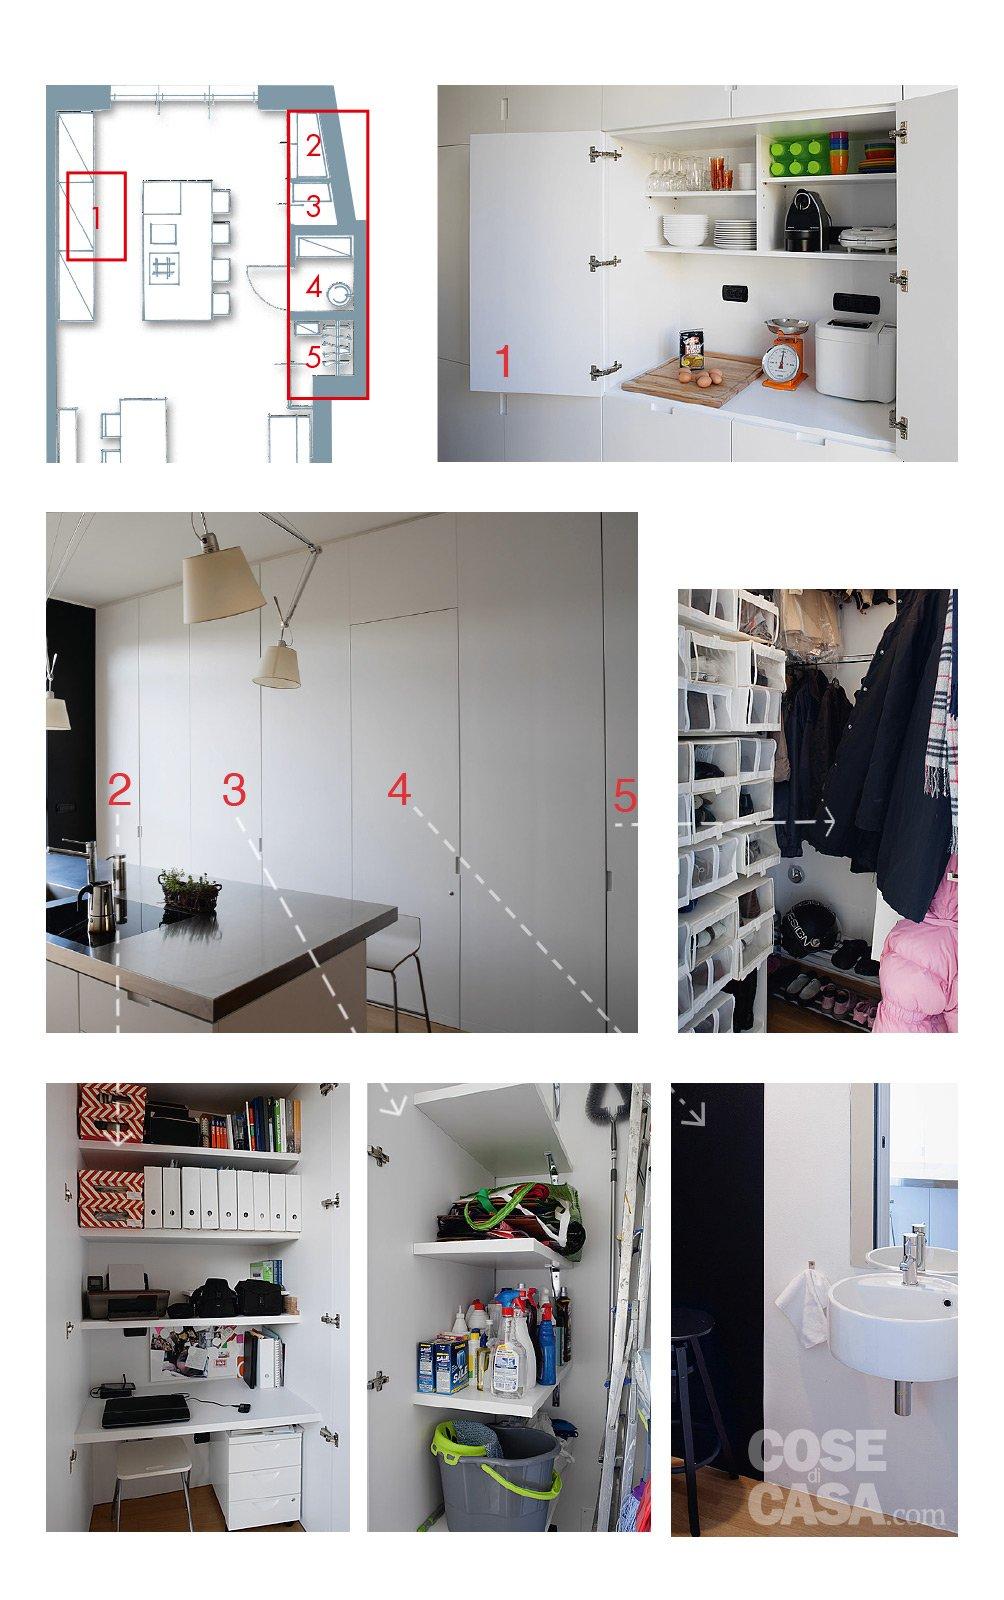 60 50 mq una casa con elementi a scomparsa cose di casa - Montaggio mobili cucina ...